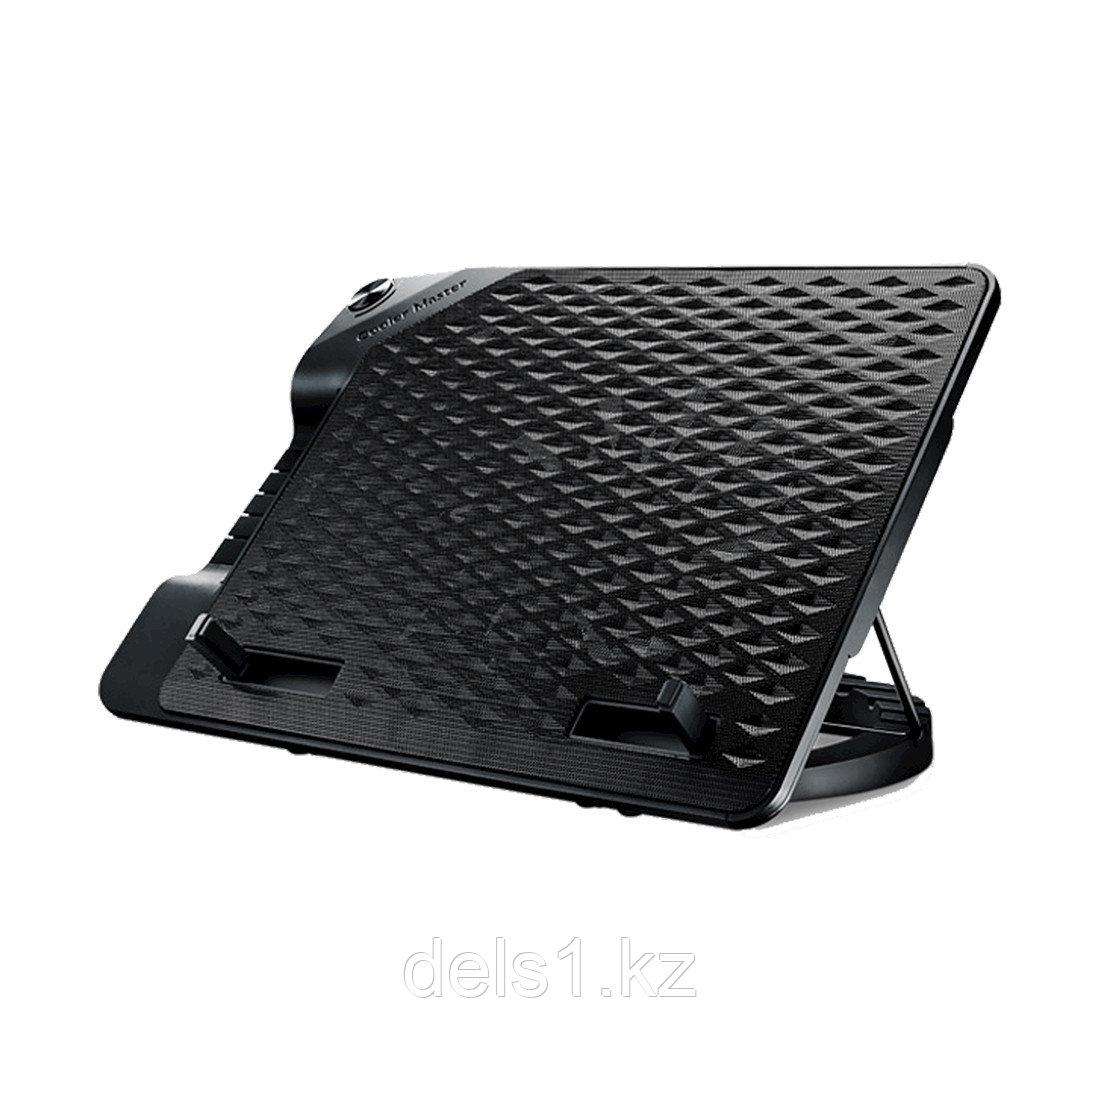 Охлаждающая подставка для ноутбука Cooler Master ERGOSTAND III